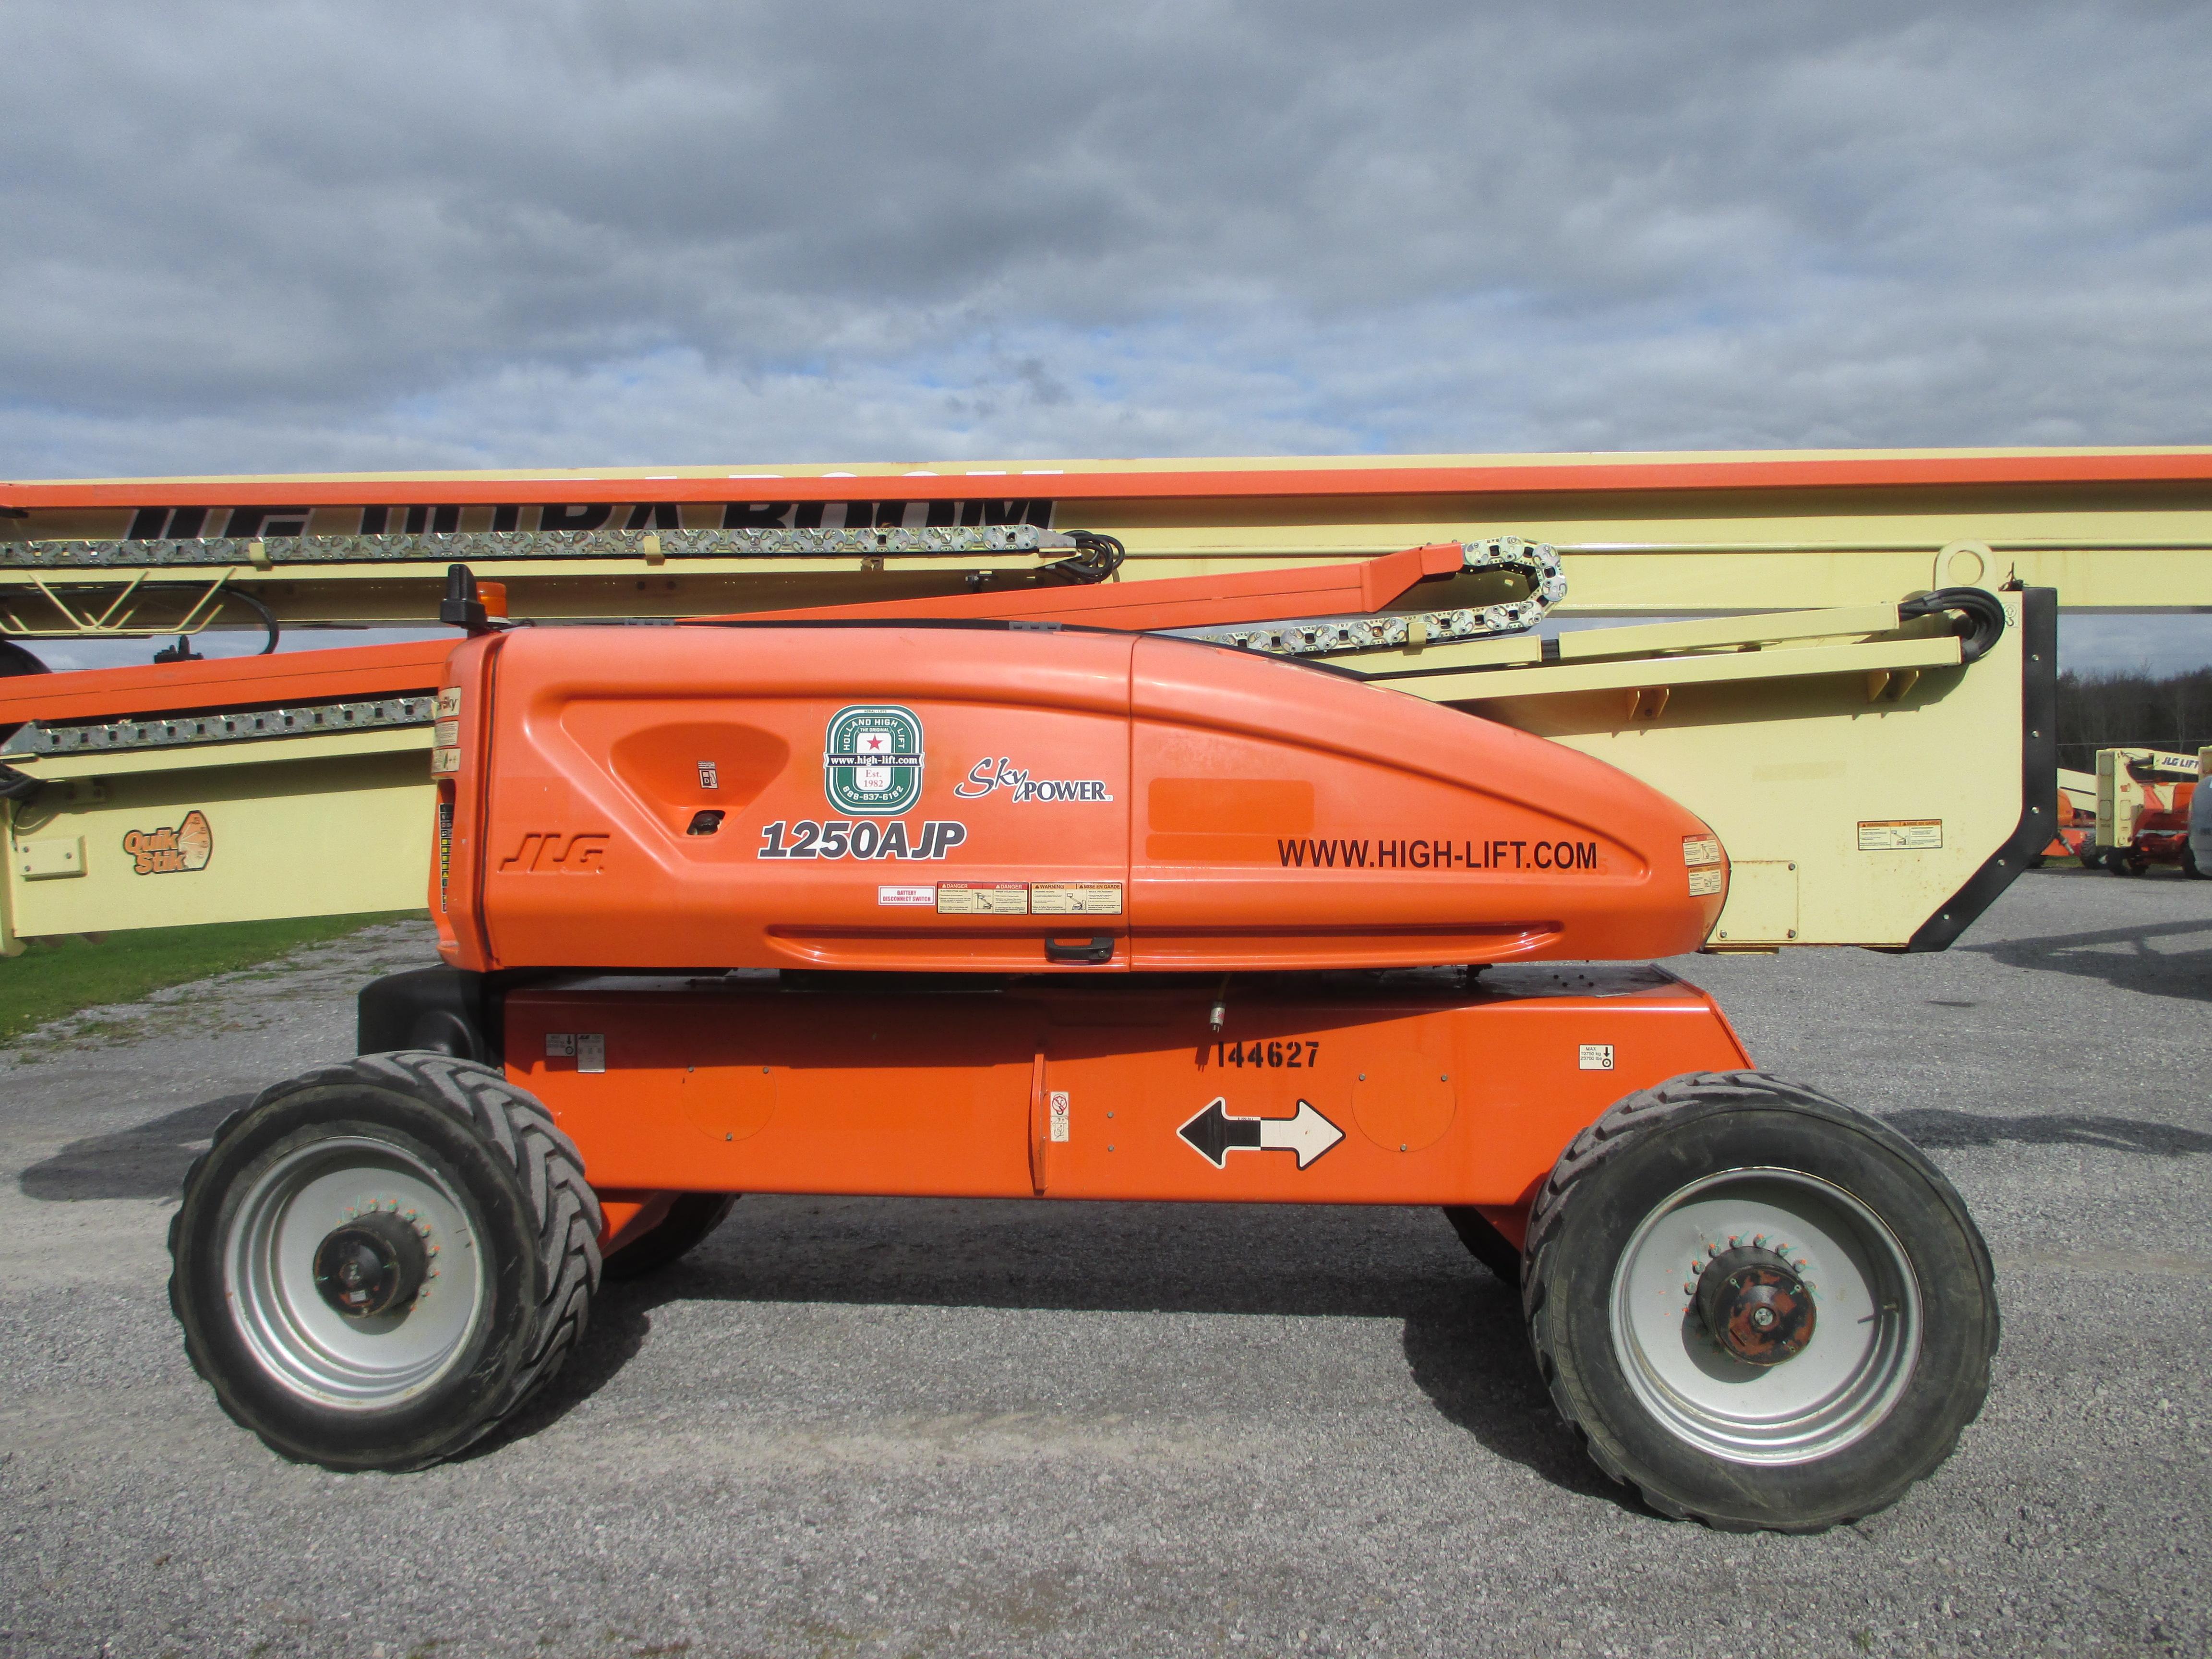 2011 JLG 1250AJP-8